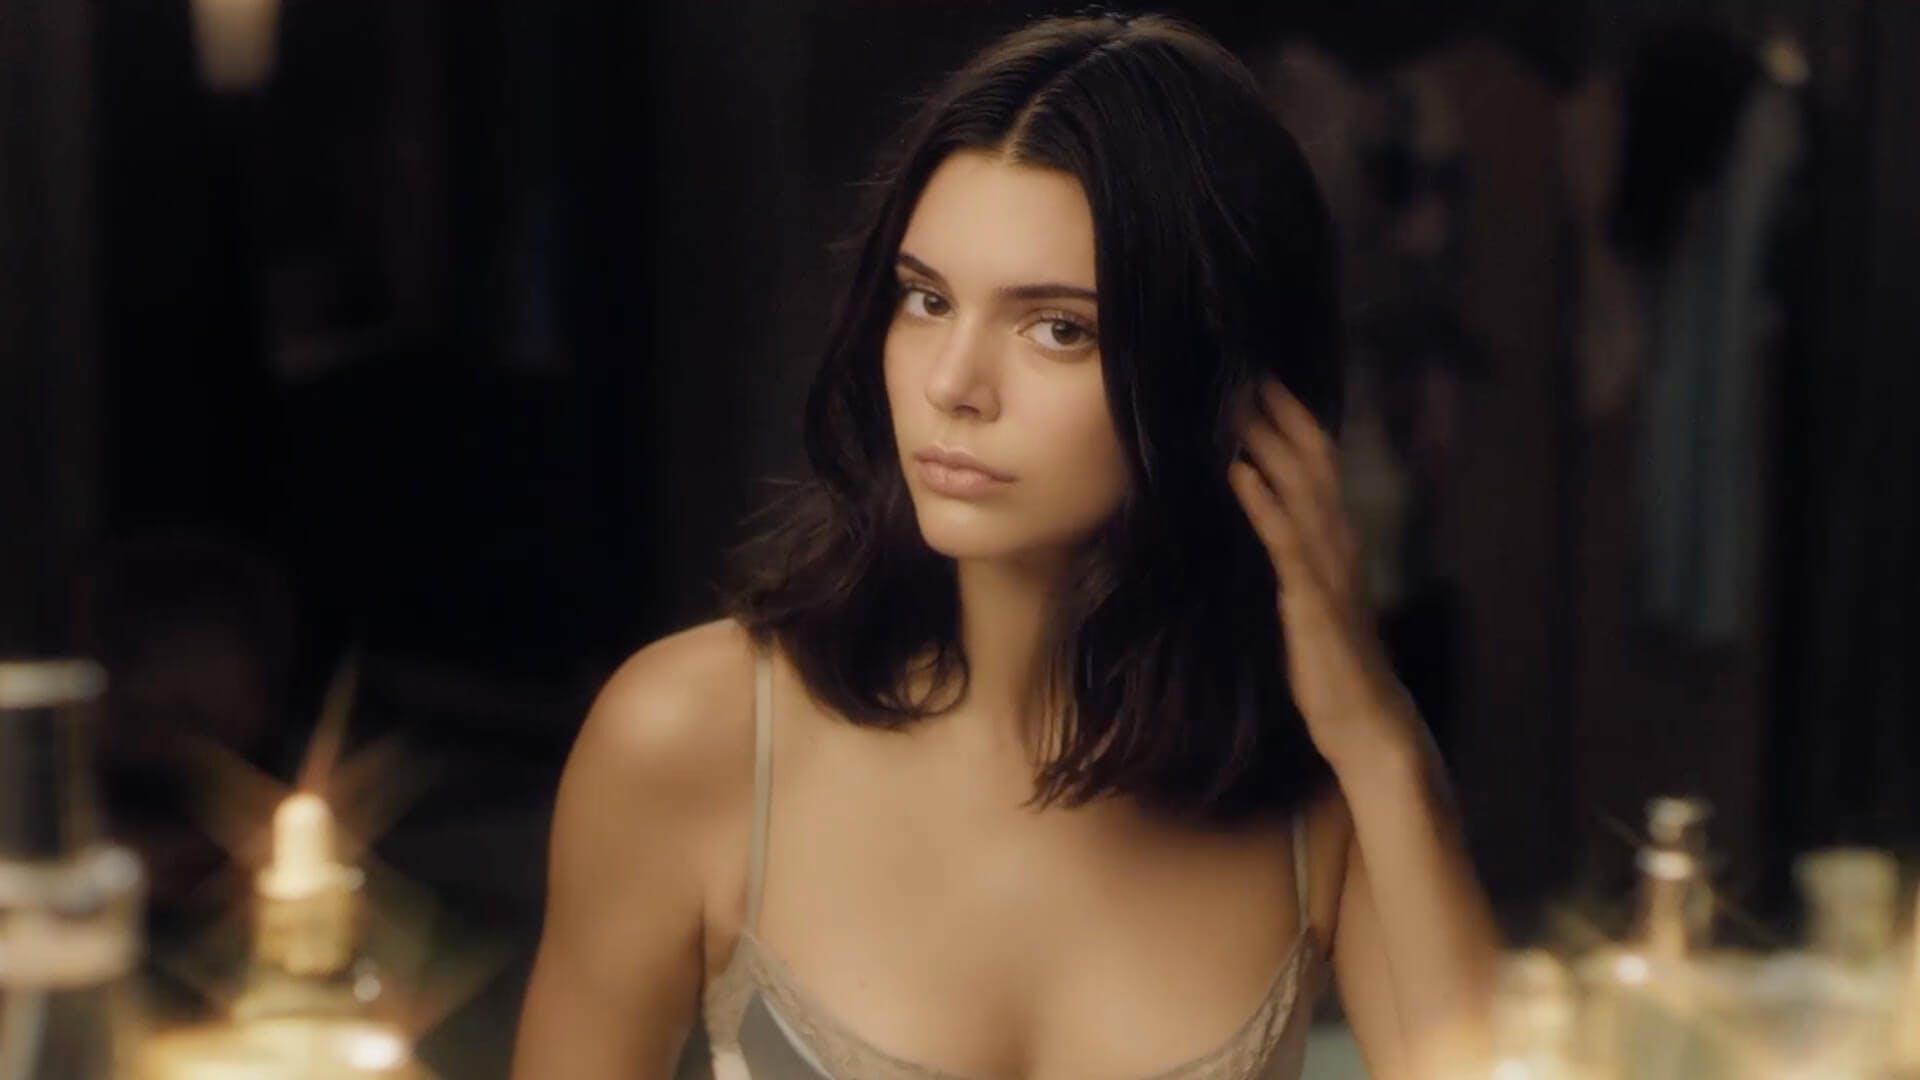 Estee Lauder - Dream Baby Dream - Kendall Jenner